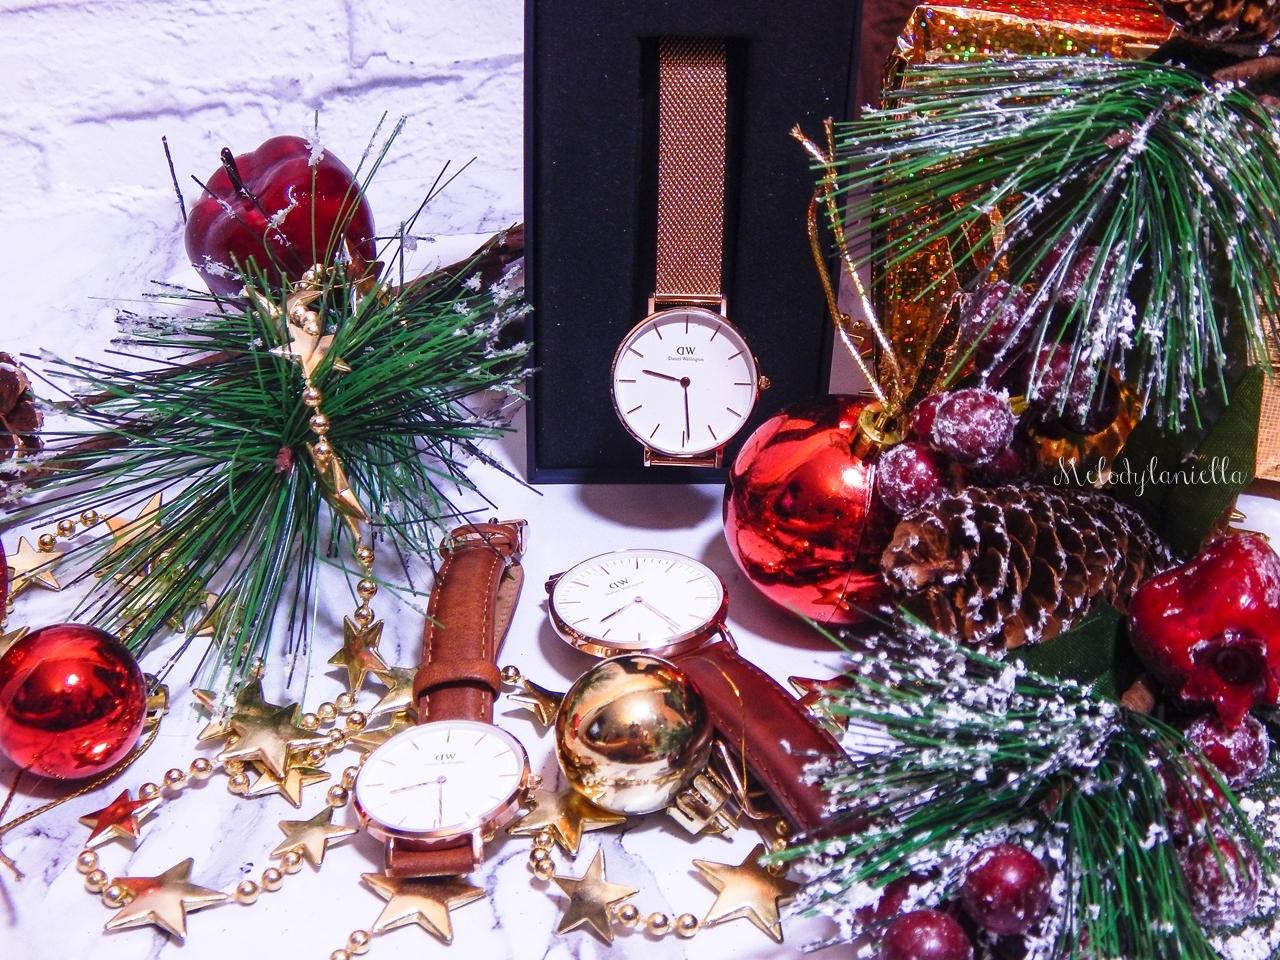 5 pomysły na przent gwiazdkowy dla par dla niego dla niej święta boże narodzenie co kupić pod choinkę dobrej jakości zegarki daniel wellington 2017 kod rabatowy pomysł na przent jaki zegarek kupić